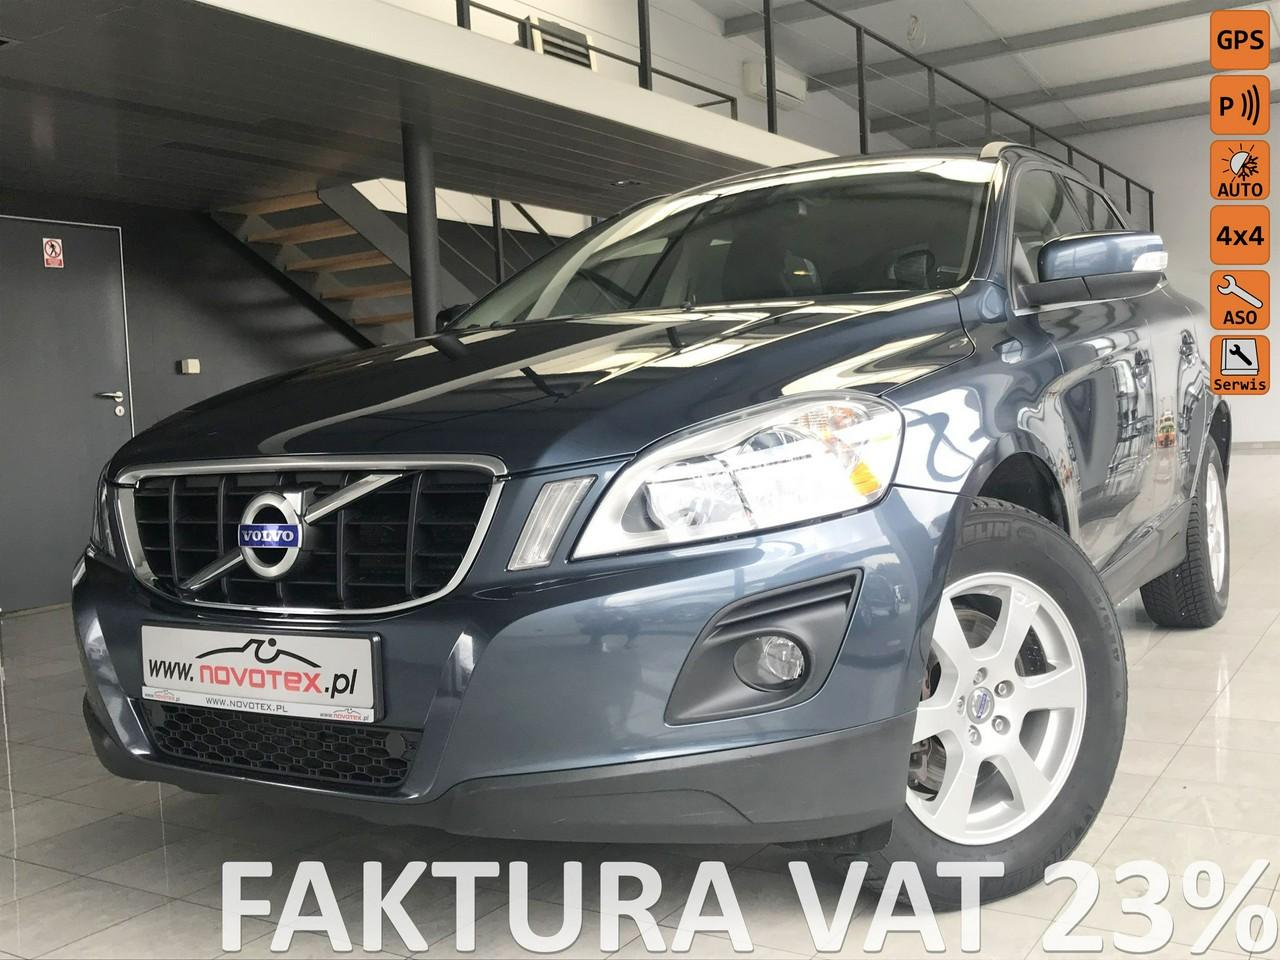 Volvo XC 60 D5*AWD*Momentum*pełny serwis ASO Volvo*NOWE SPRZĘGŁO*gwarancja VIP